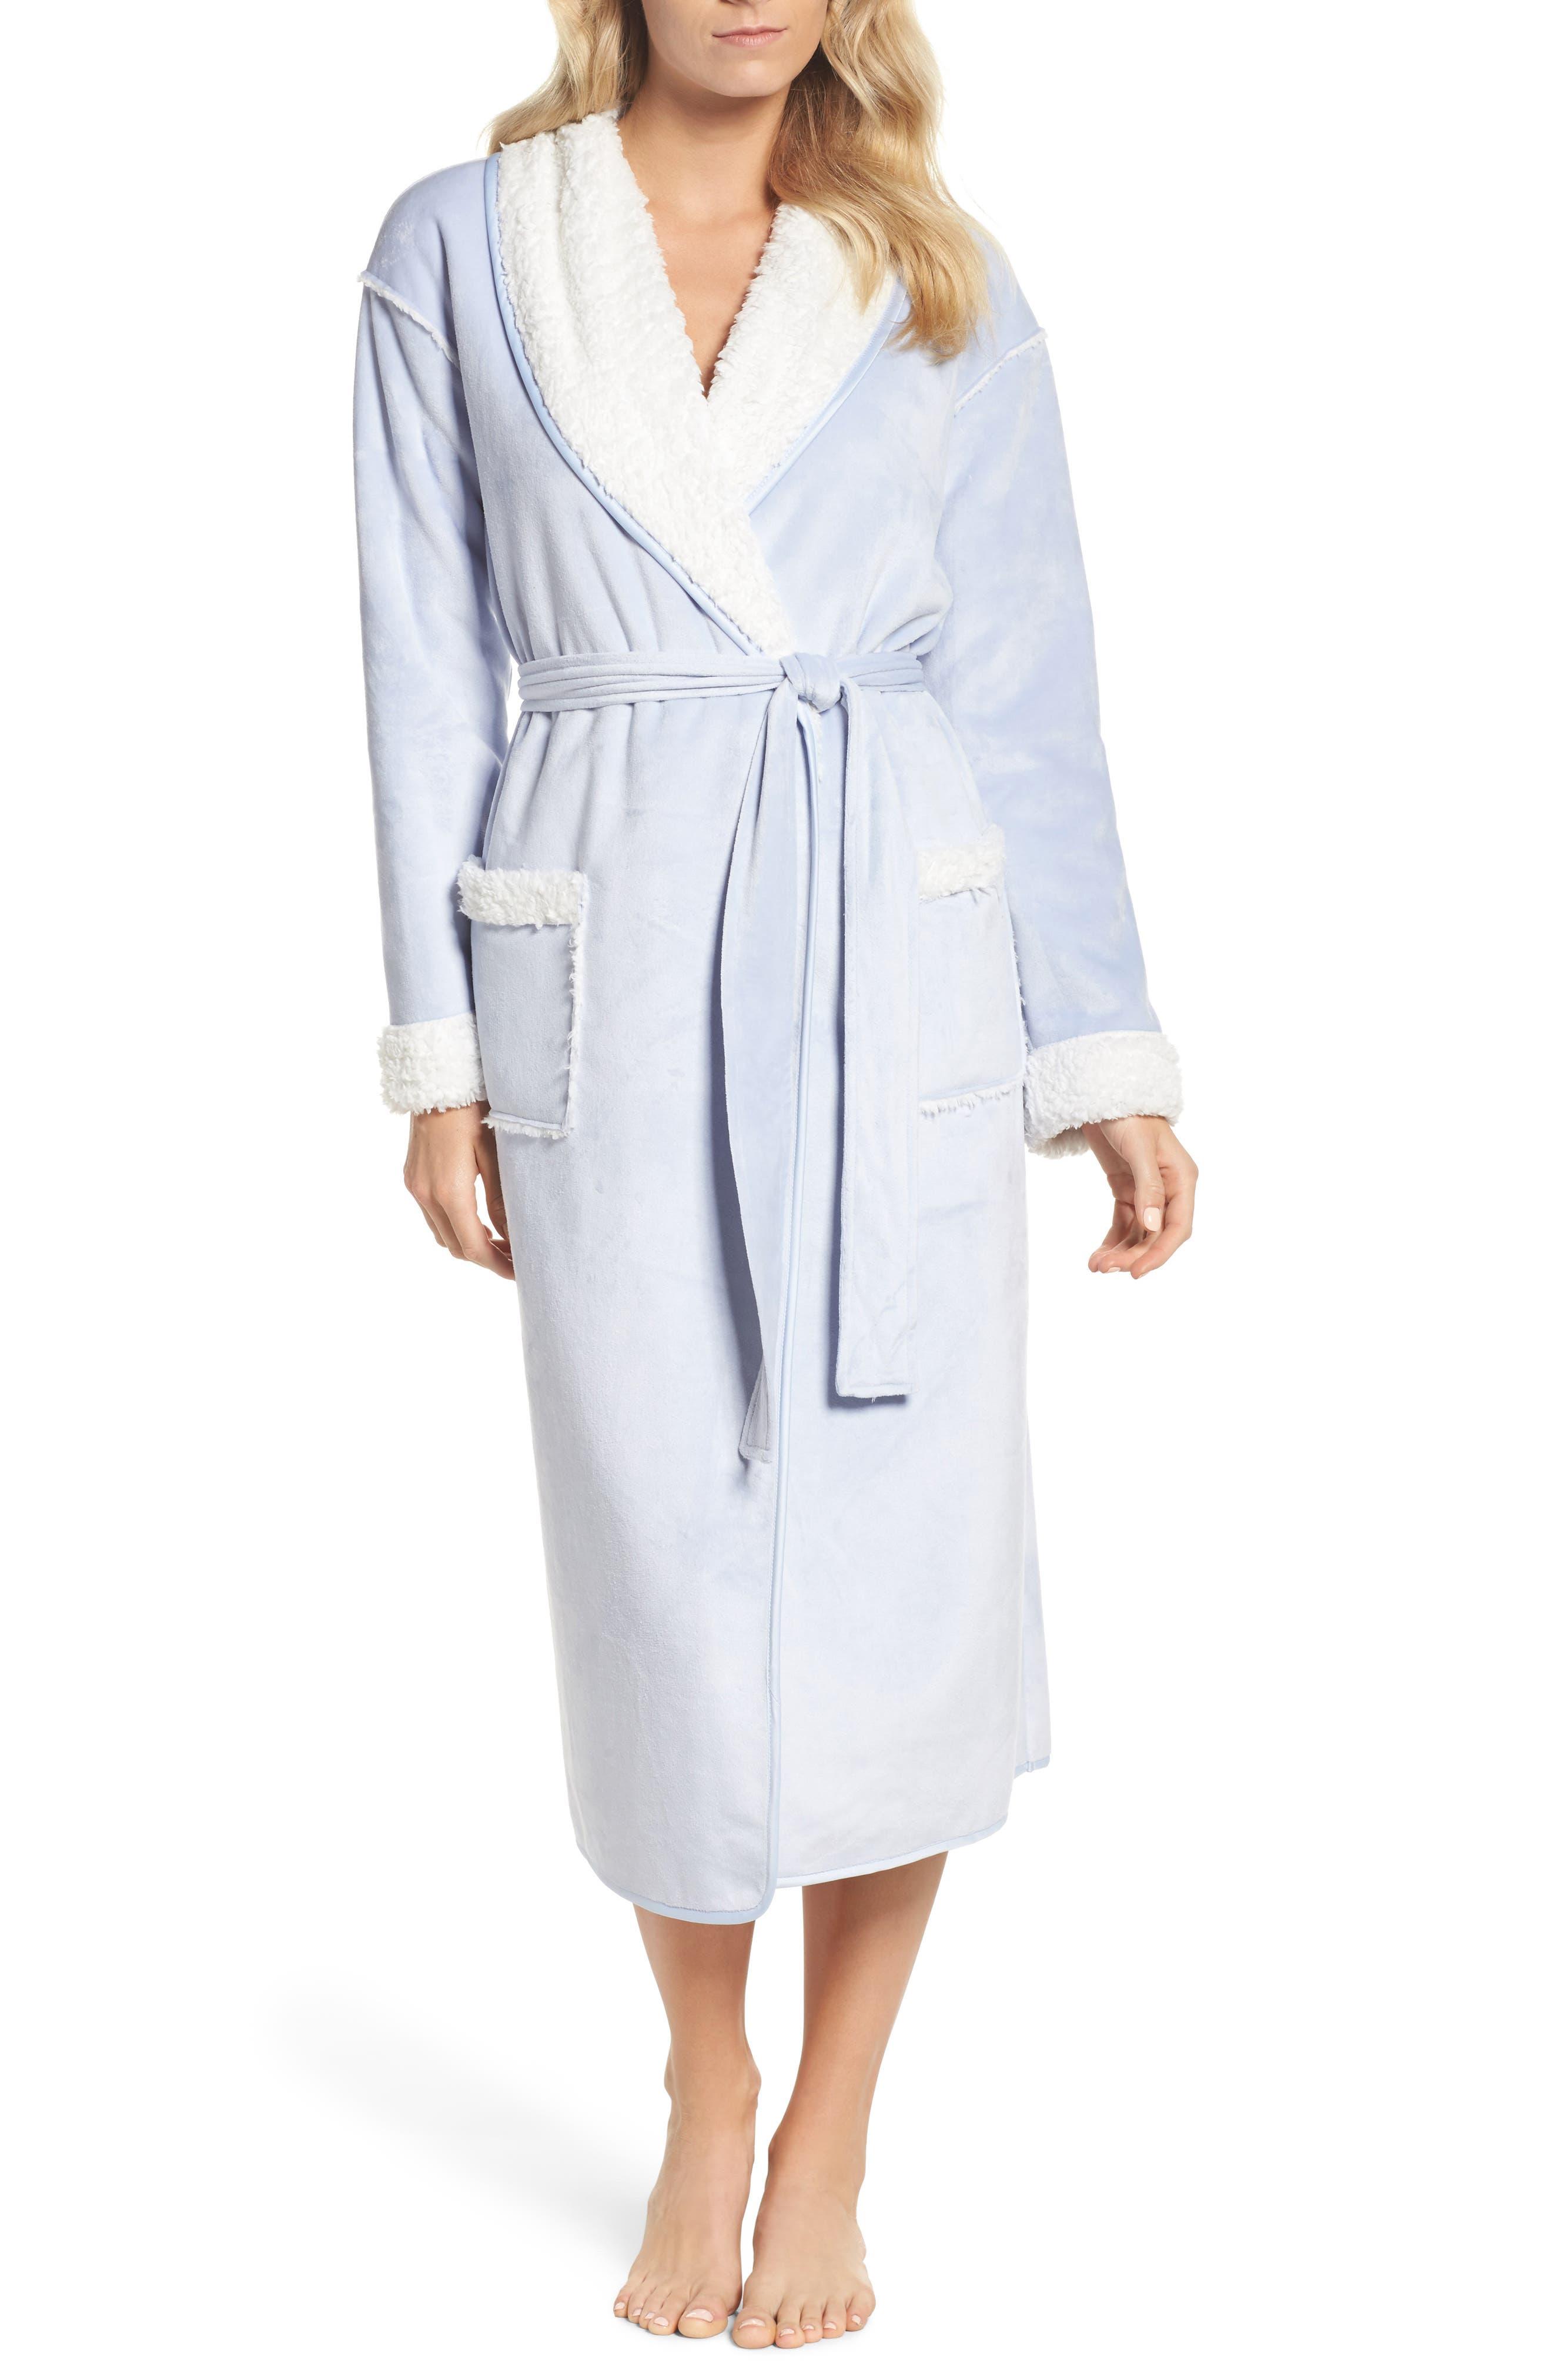 Alternate Image 1 Selected - Nordstrom Lingerie Wintertide Plush Robe